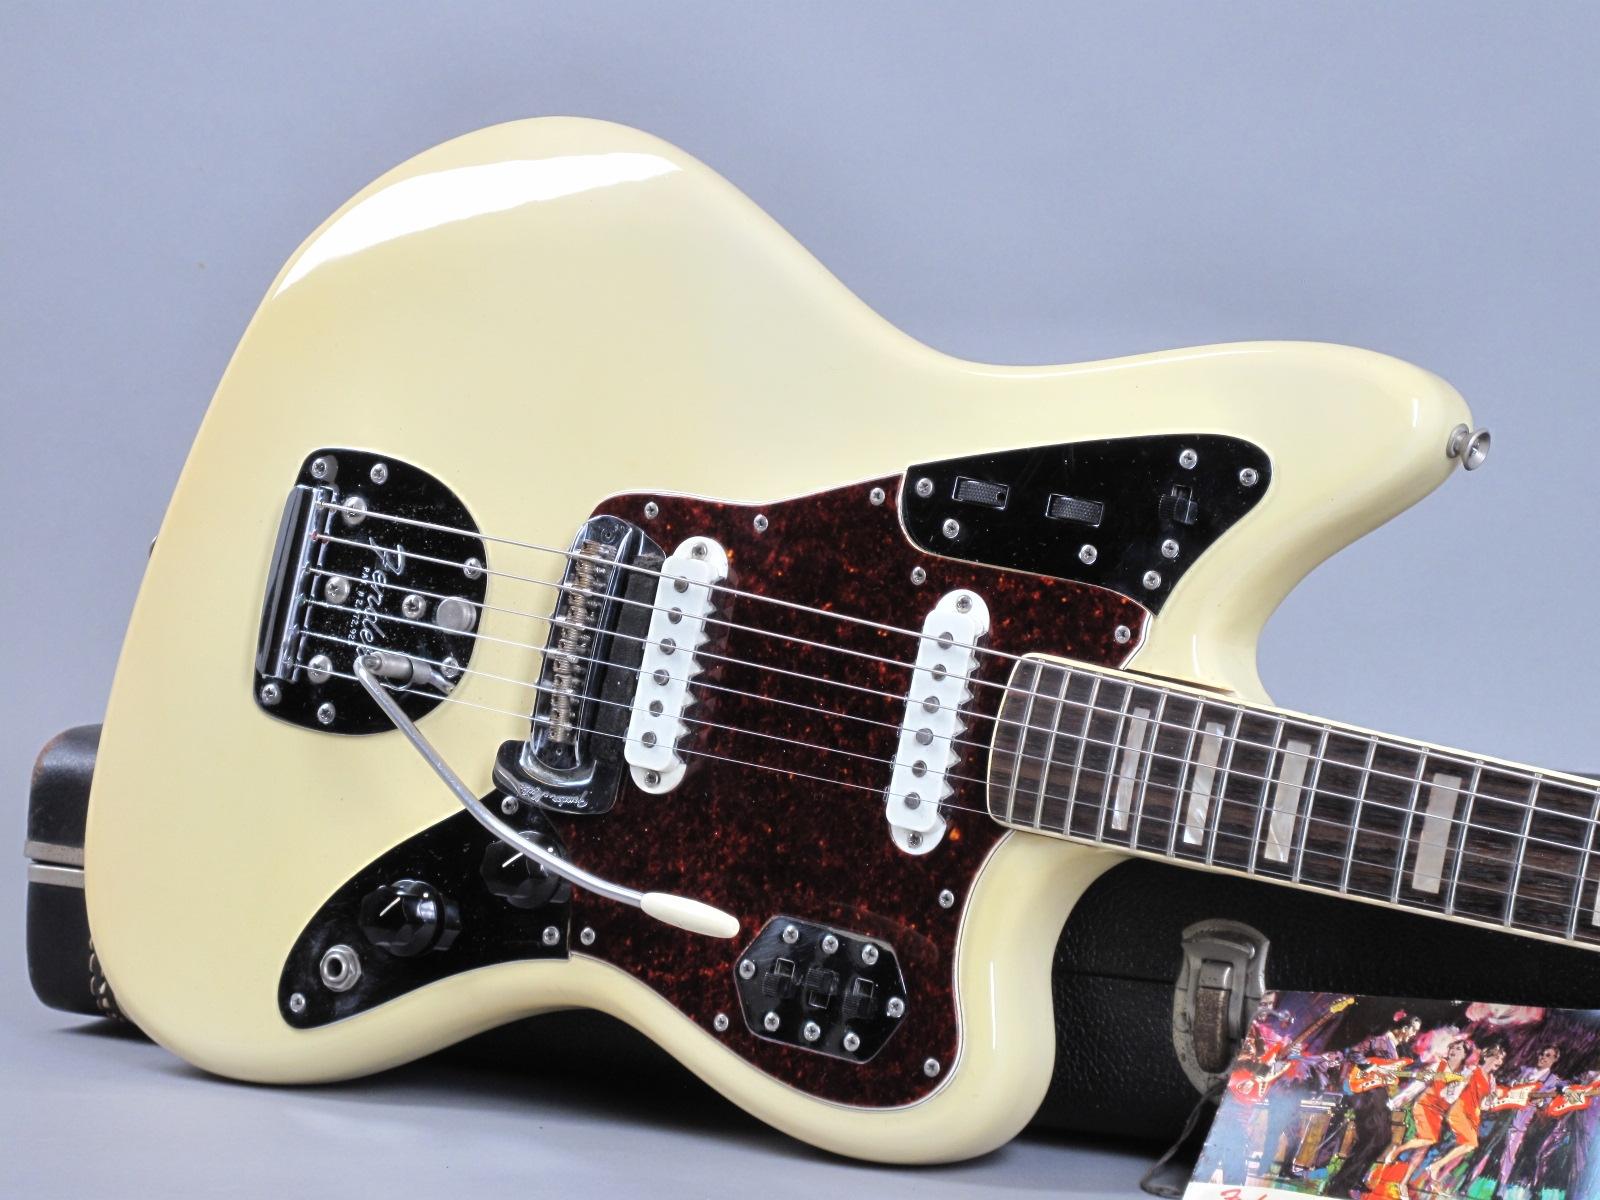 https://guitarpoint.de/app/uploads/products/1969-fender-jaguar-olympic-white/1969-Fender-Jaguar-Olympic-White-297391_19.jpg